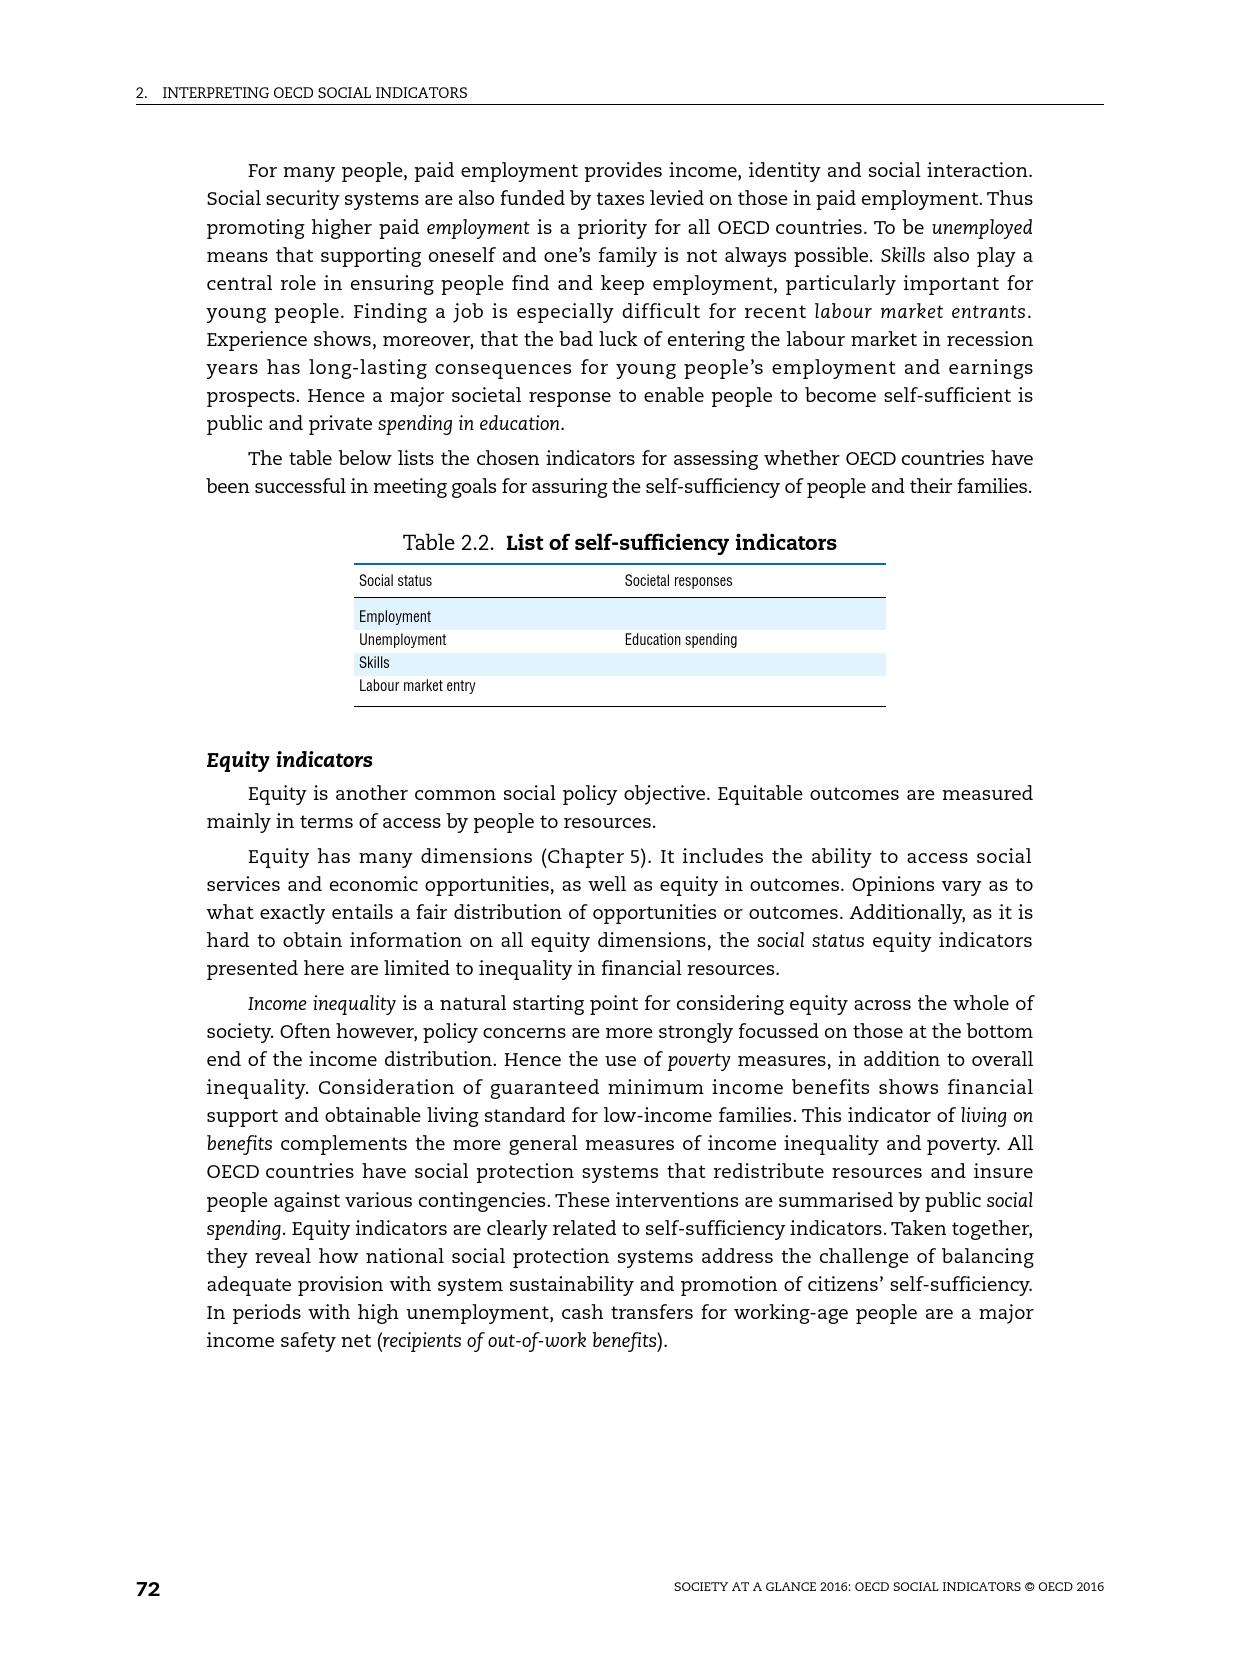 2016年OECD国家社会概览报告_000074